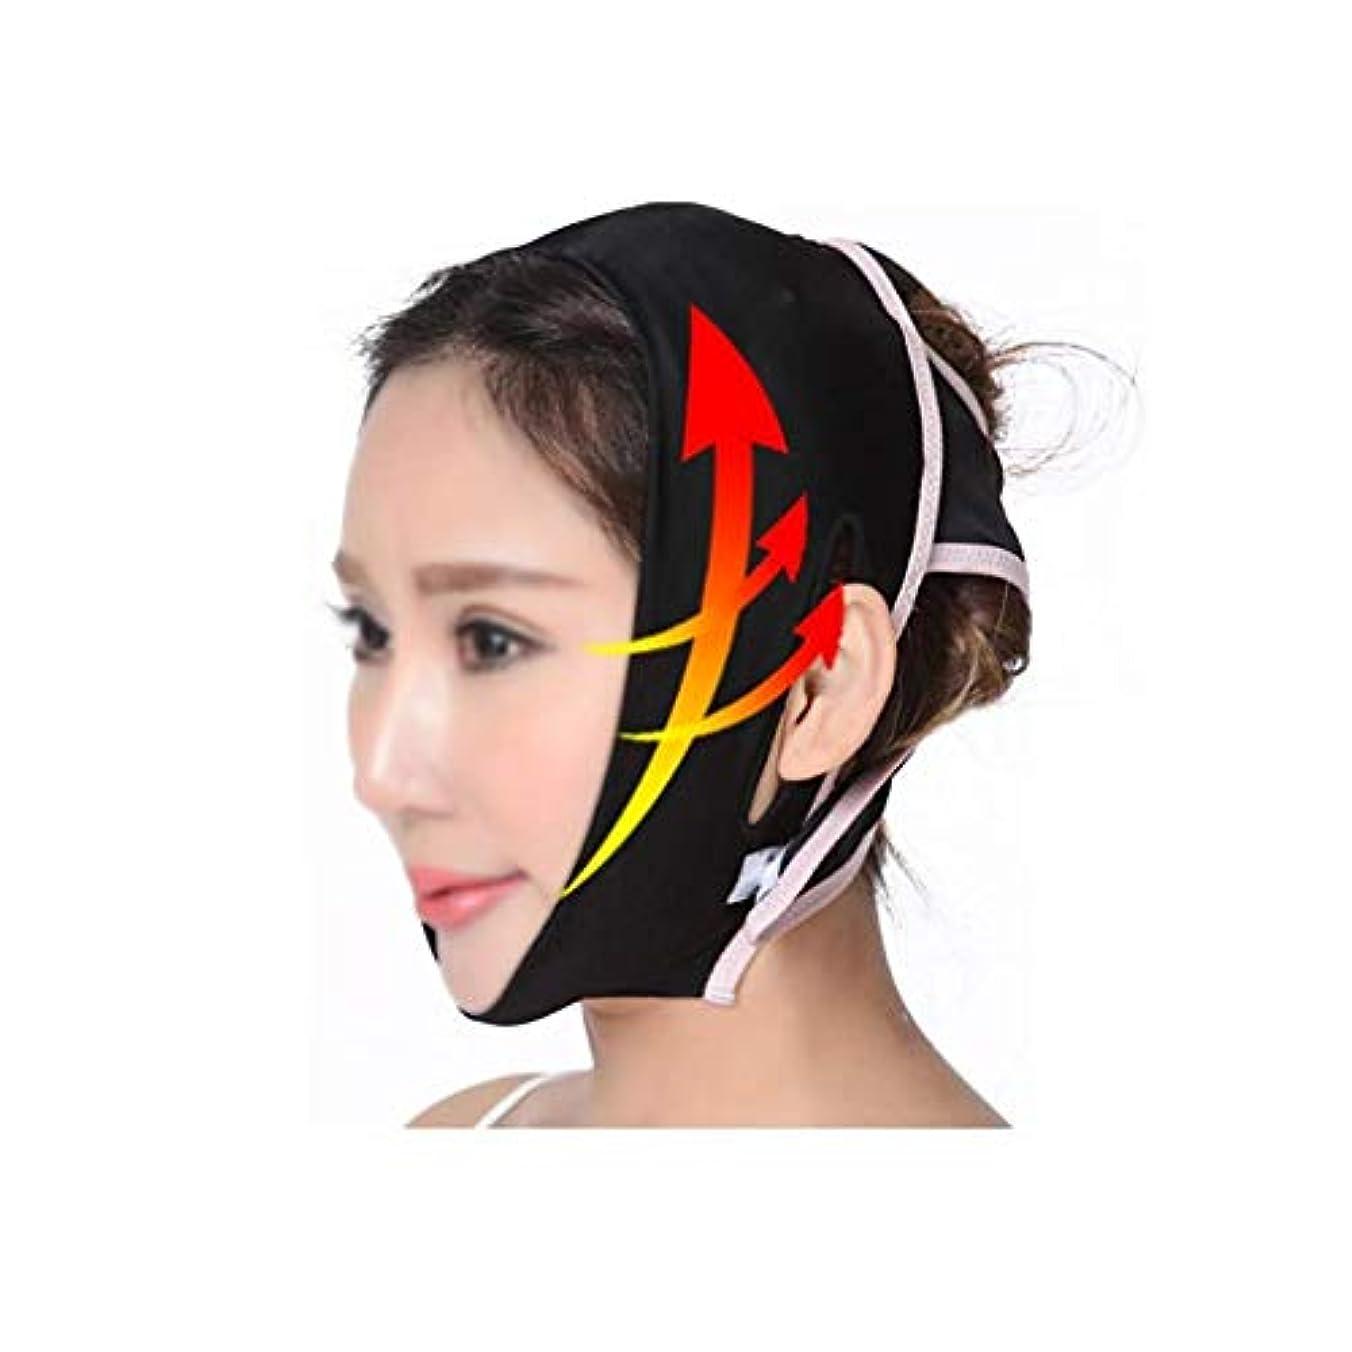 解き明かす作成者評価フェイスリフトマスク、フェイシャルマスク睡眠顔整形顔包帯顔リフティングV顔顔アーティファクト回復通気性ネックストラップ(サイズ:M)